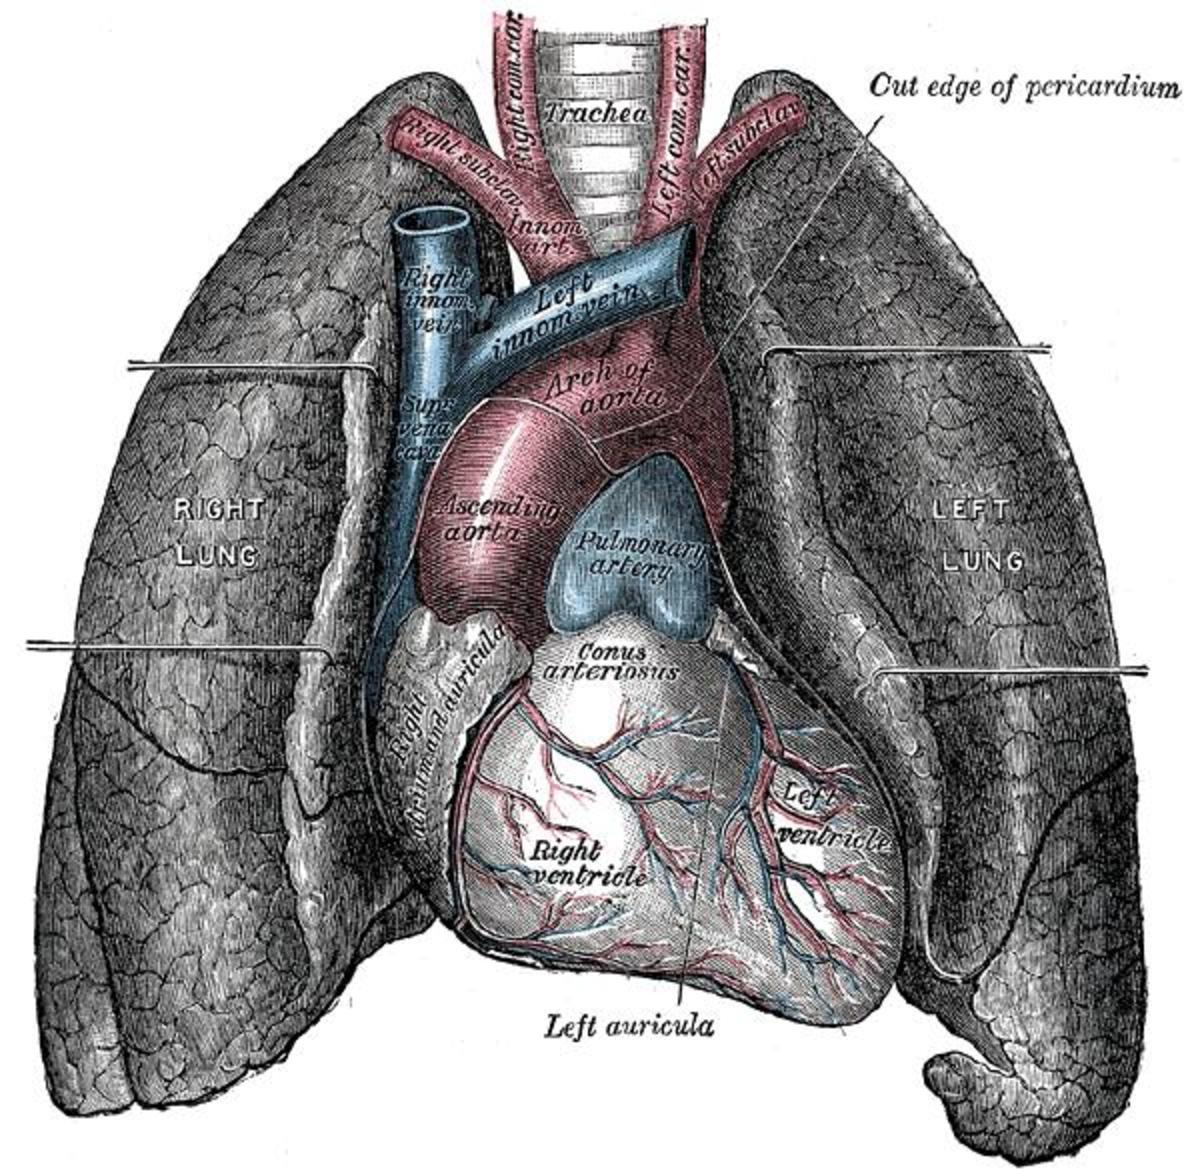 cellular-memories-in-organ-transplant-recipients